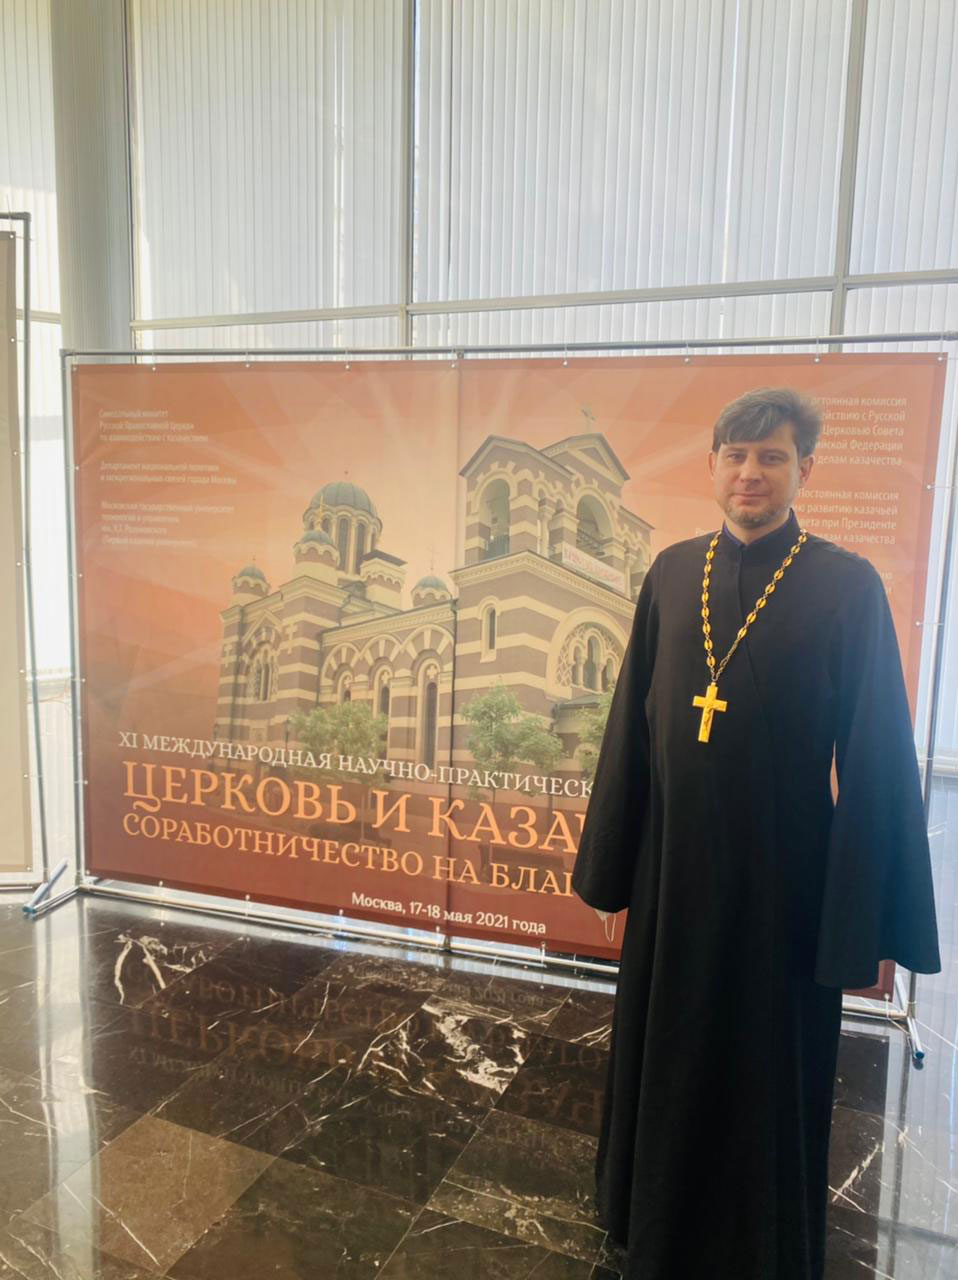 Научная конференция Церковь и казачество